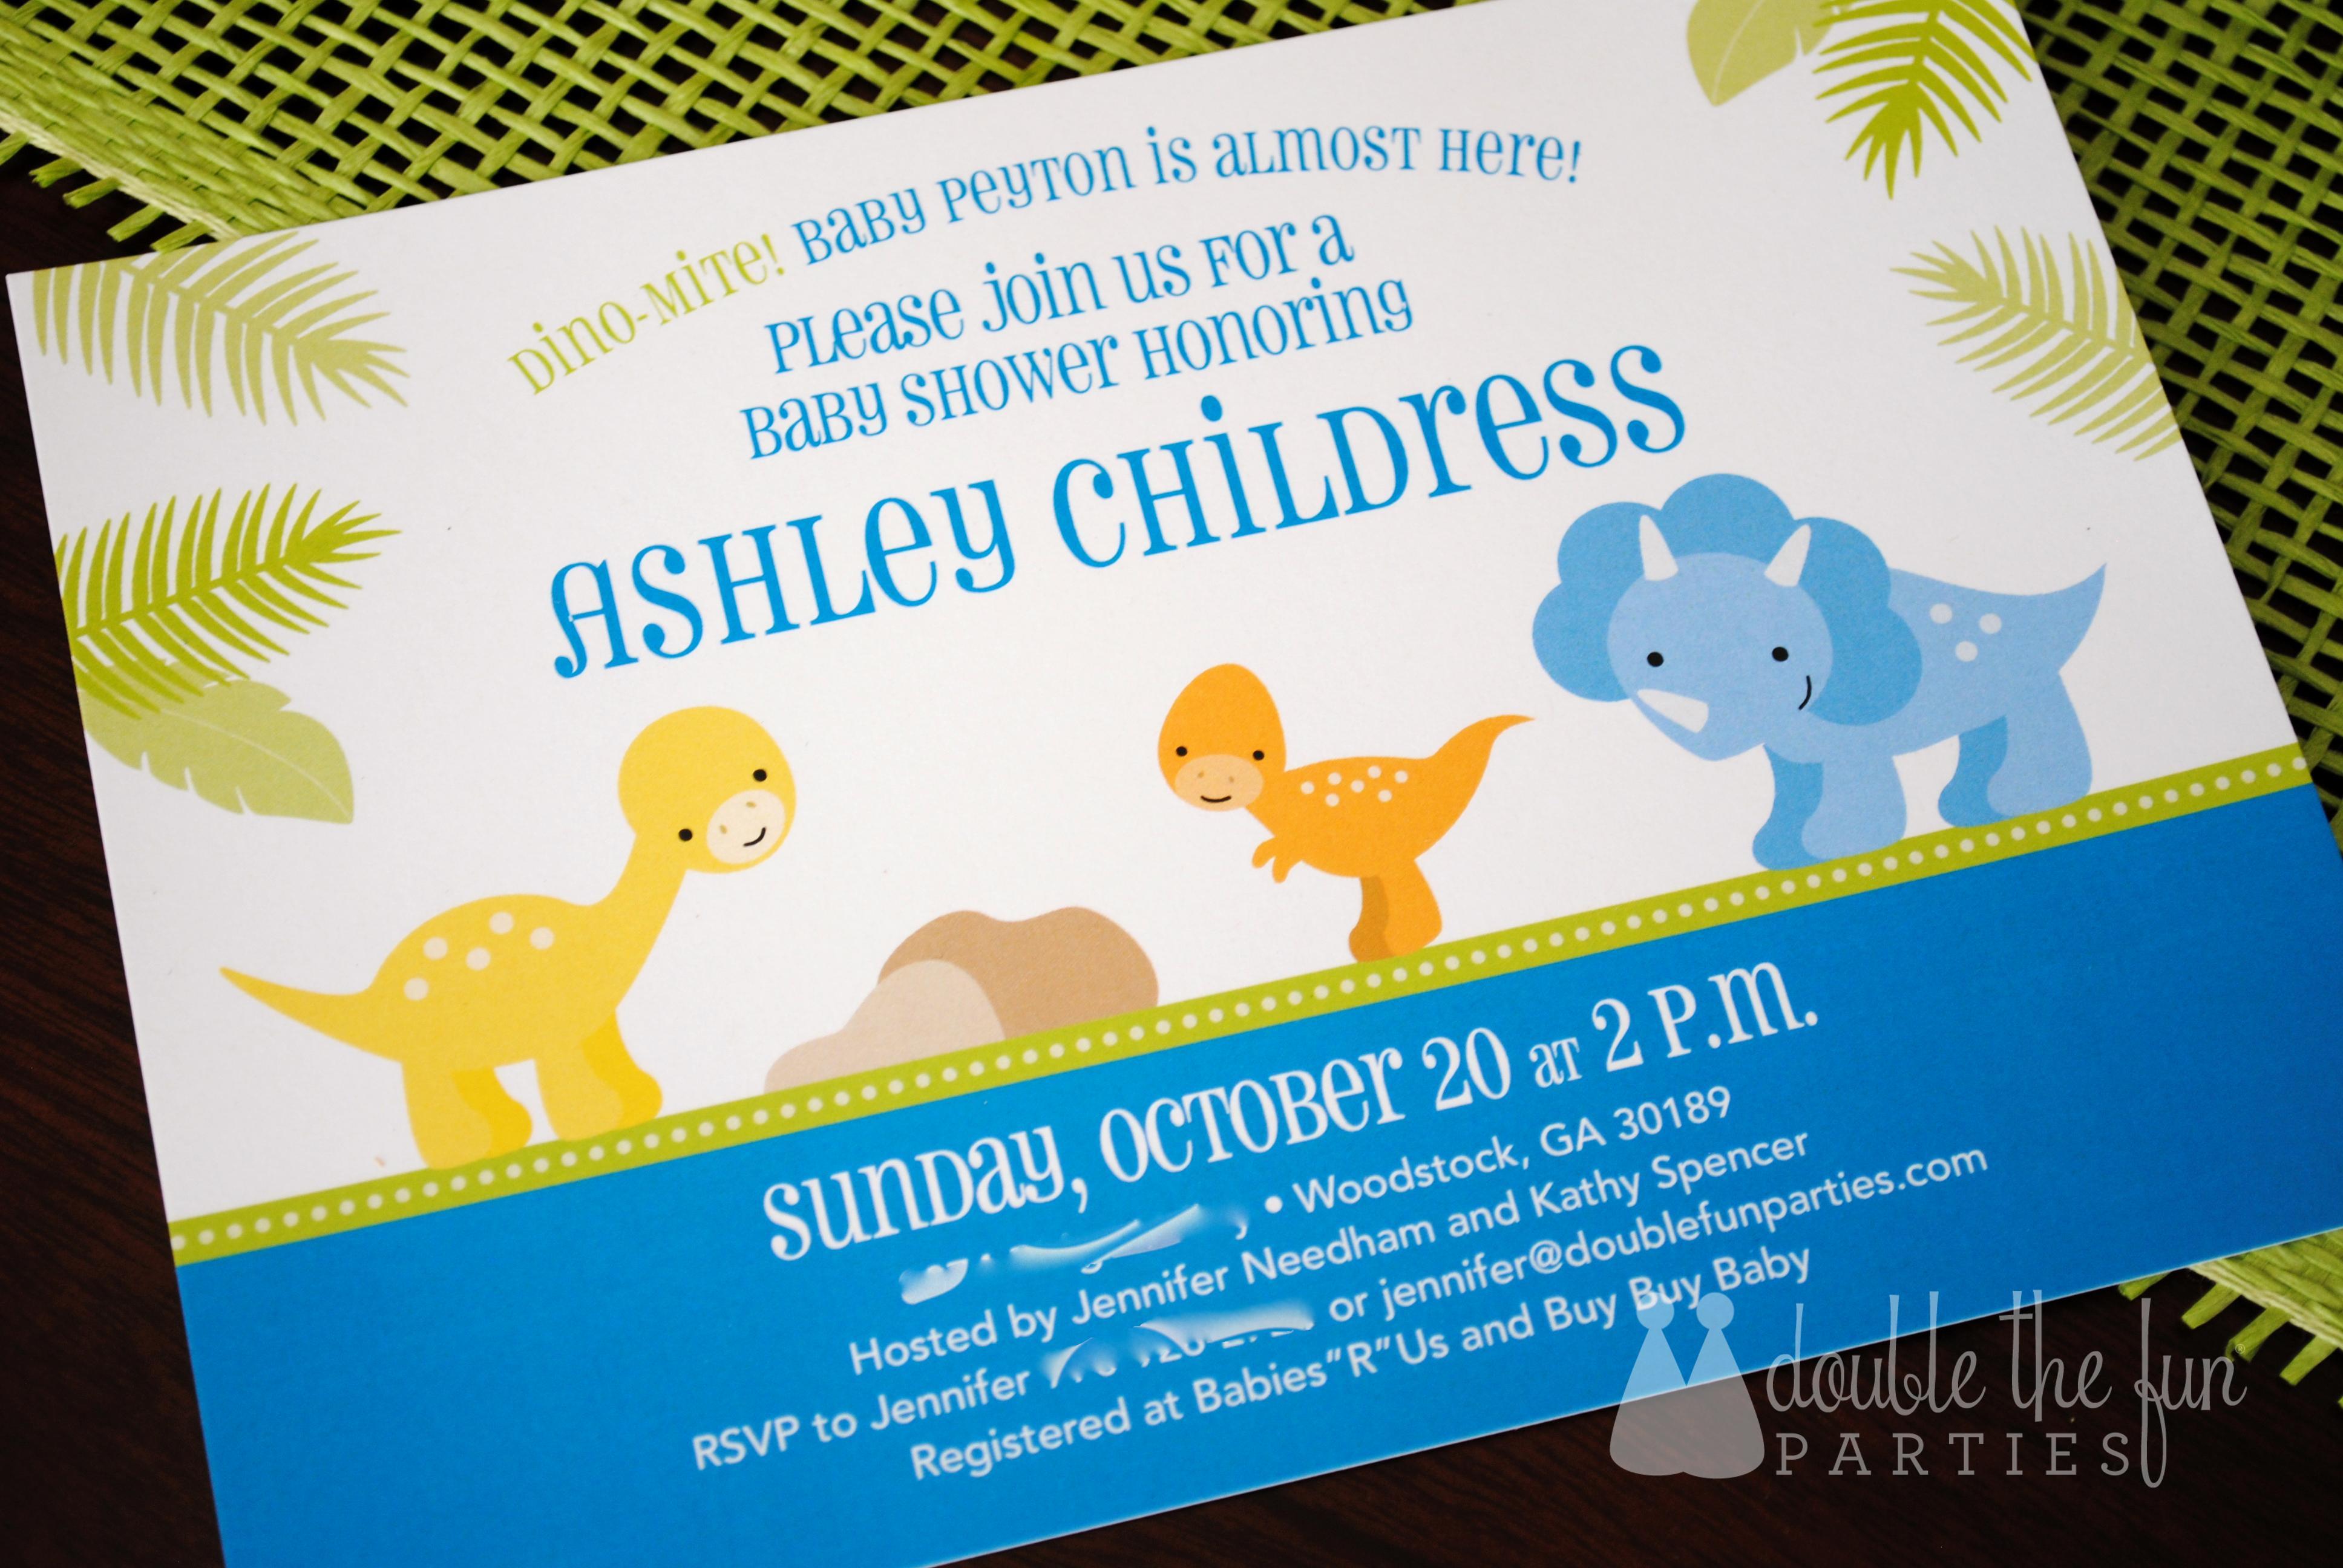 Dinosaur Baby Shower Invitations Dinosaur Baby Shower Invitations - Free Printable Dinosaur Baby Shower Invitations